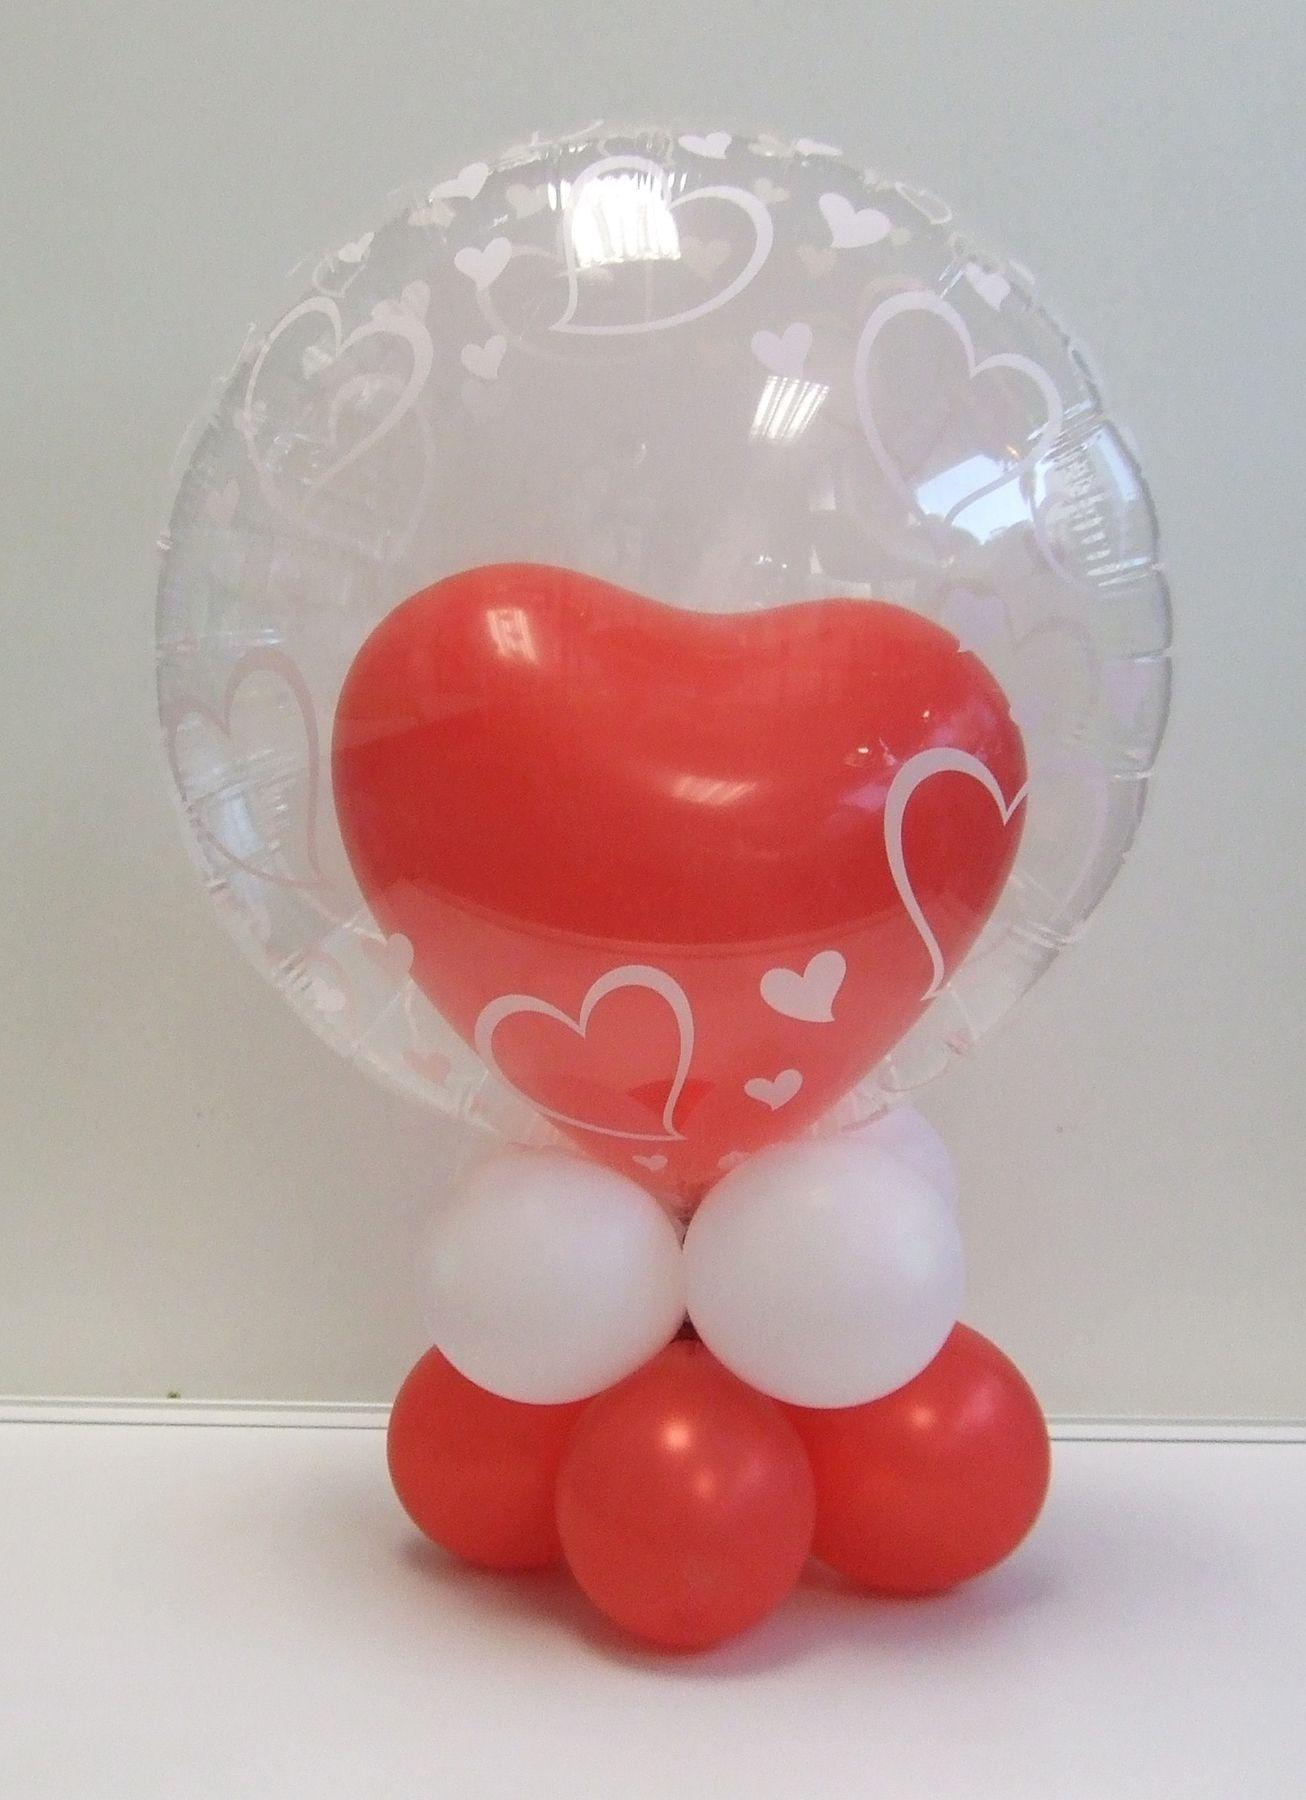 Nettes Ballon Geschenk Zum Valentinstag Valentinstag Pinterest